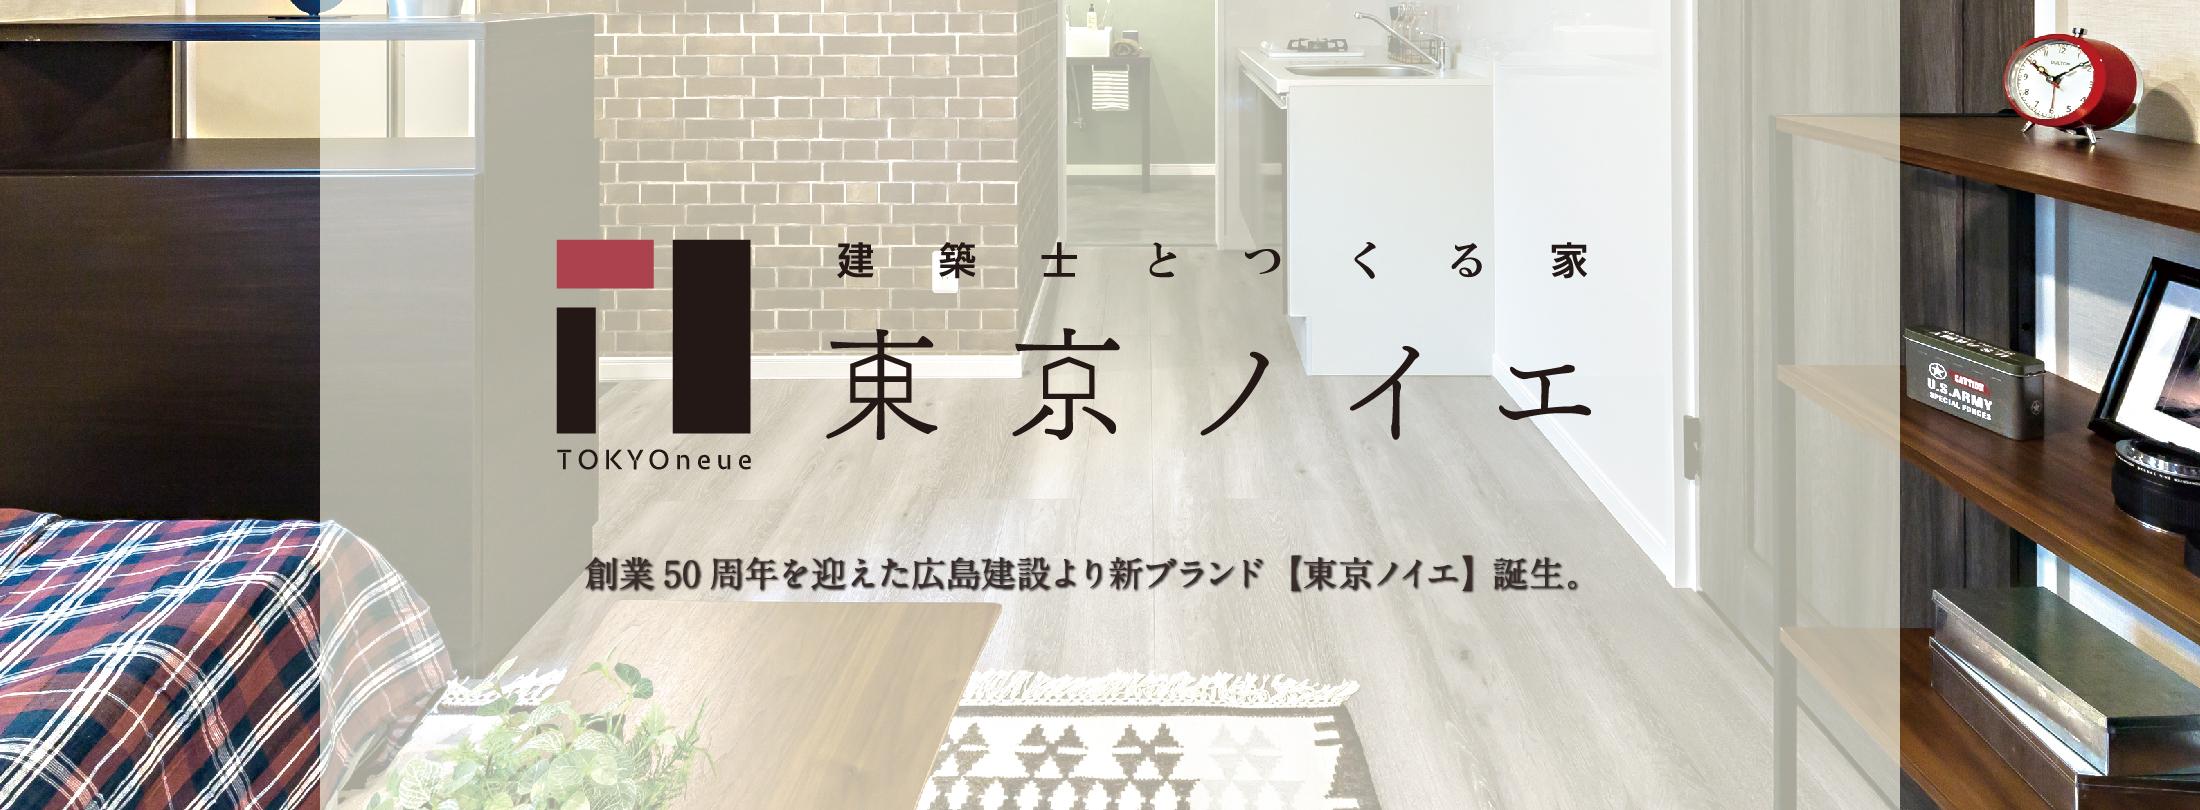 建築士とつくる家 東京ノイエ